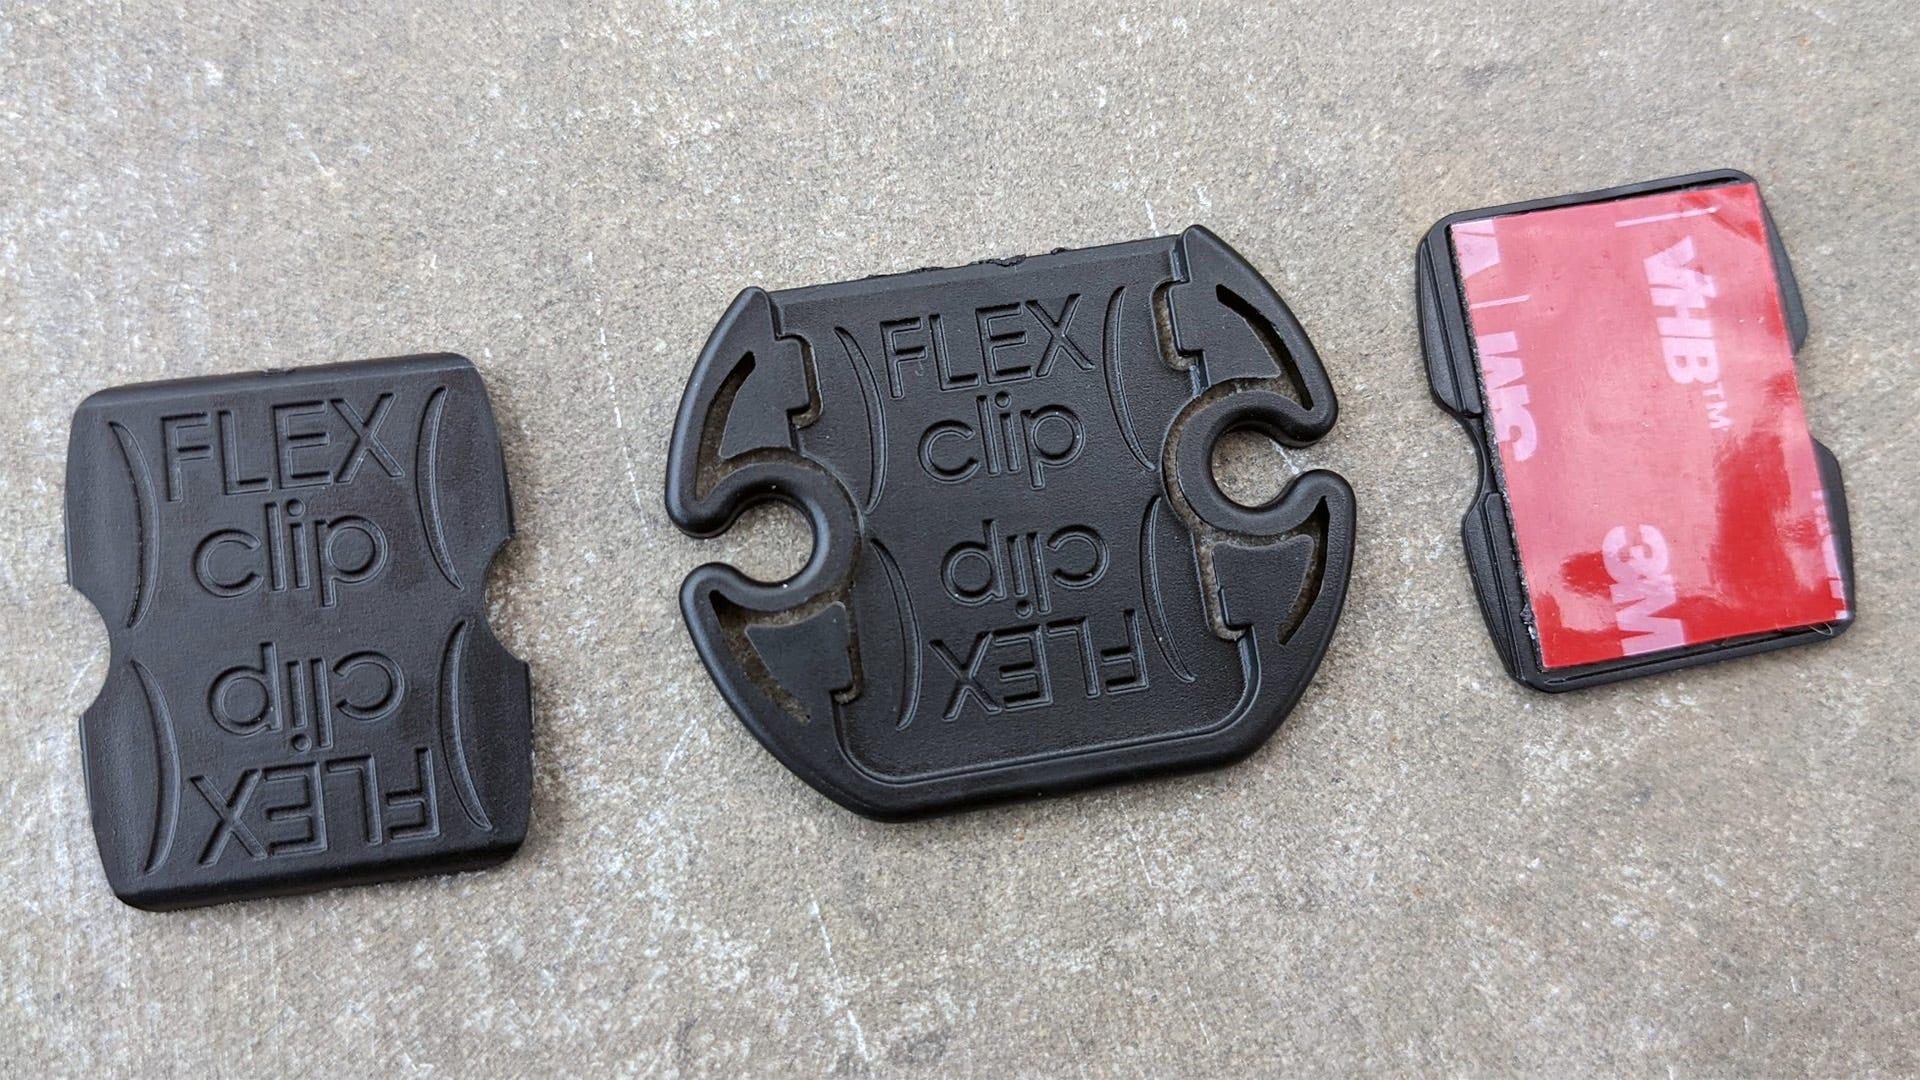 FlexClip mount and bracket